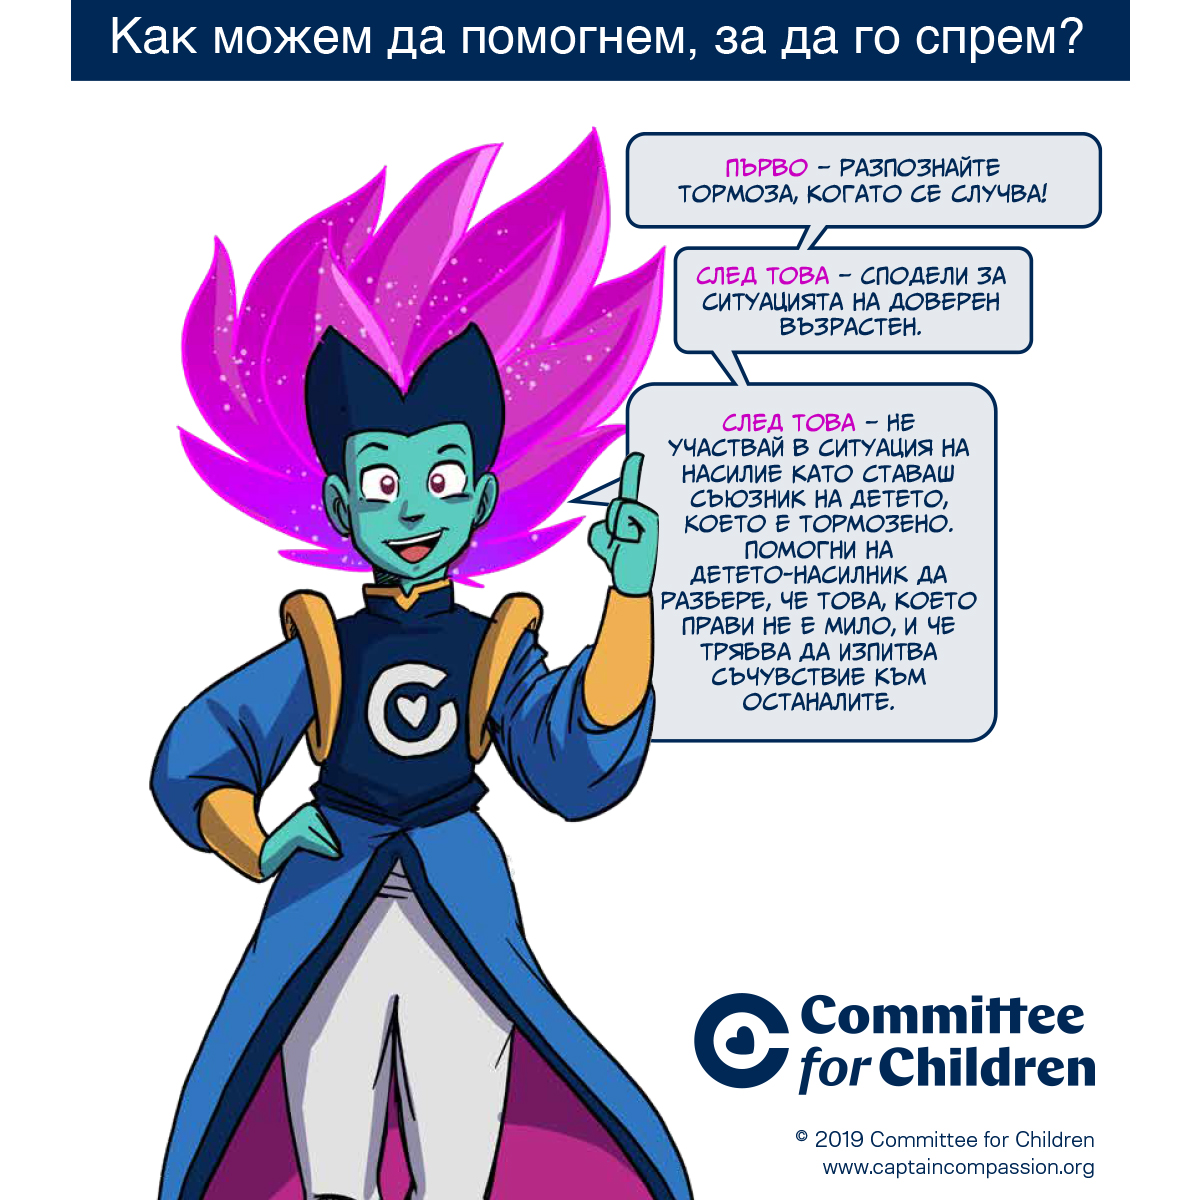 - Кампания за агресията в училищата.